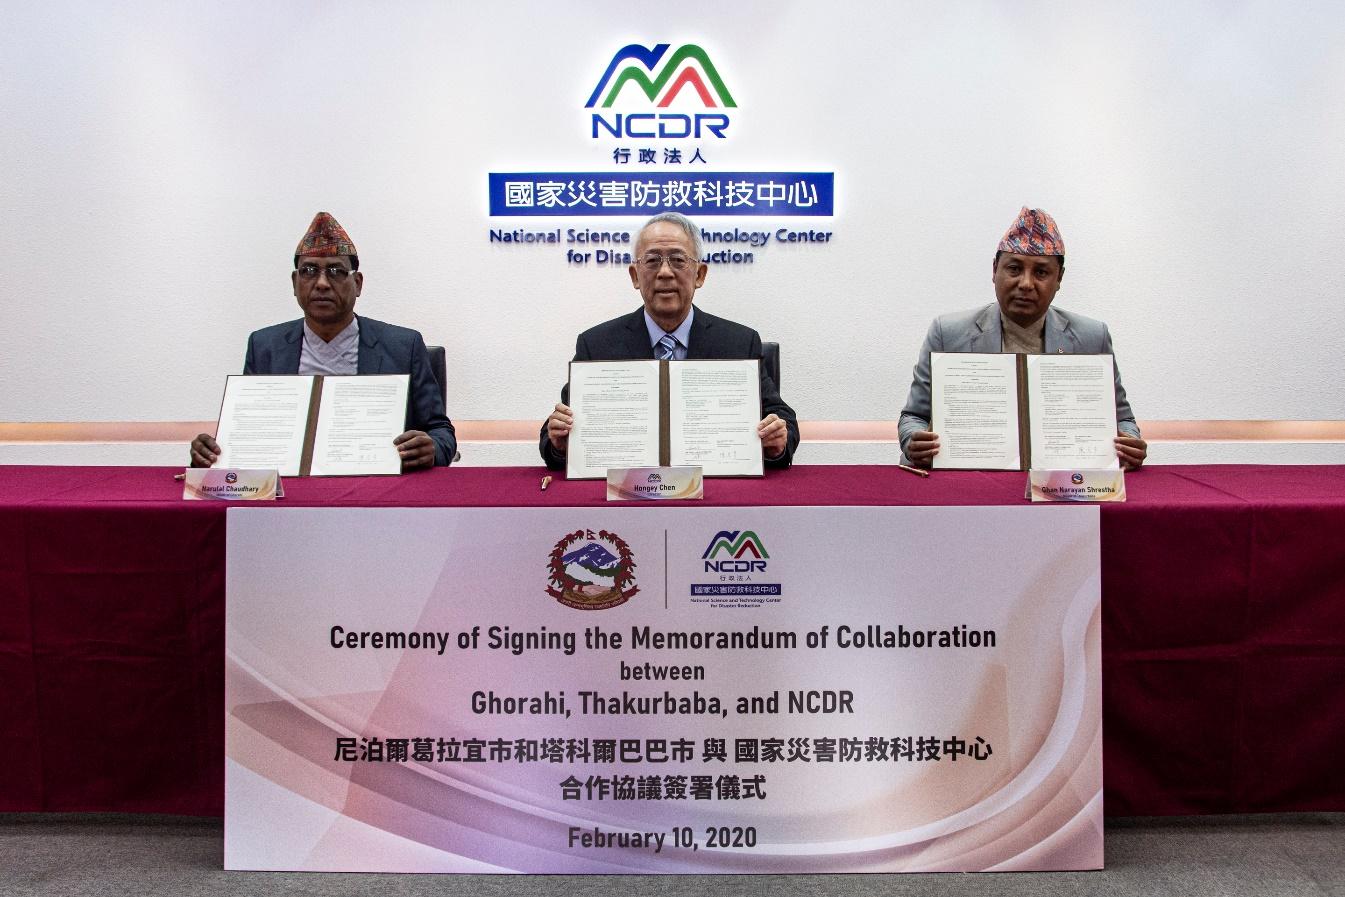 科技部國家災害防救科技中心與尼泊爾兩市 簽訂防災合作協議-執行「智慧災防新南向」,落實科技人道援助的標題圖片